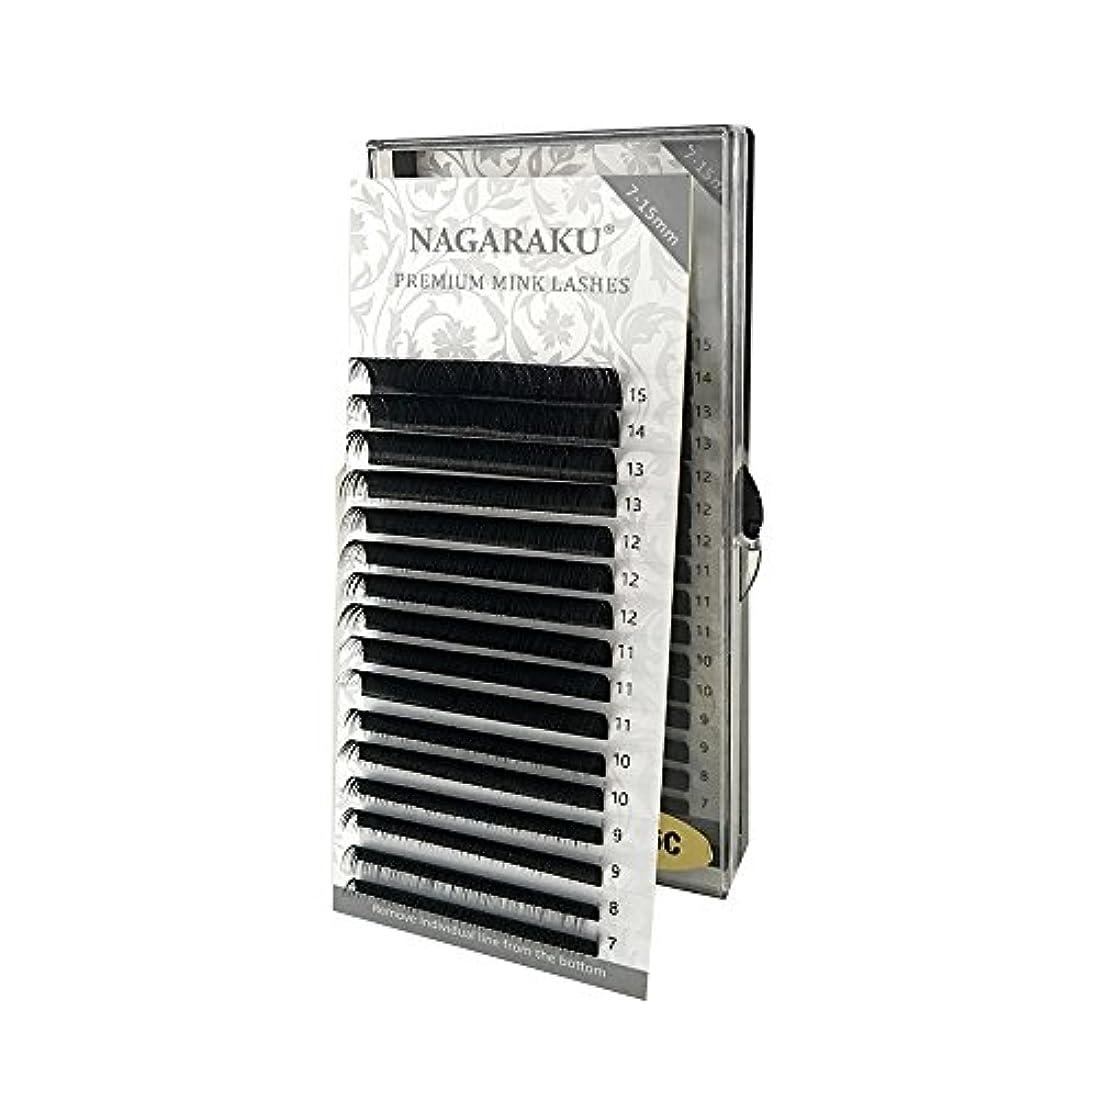 マーカー指標製造NAGARAKU 太さ0.10mm J カール 7~15mmミックス まつげエクステ